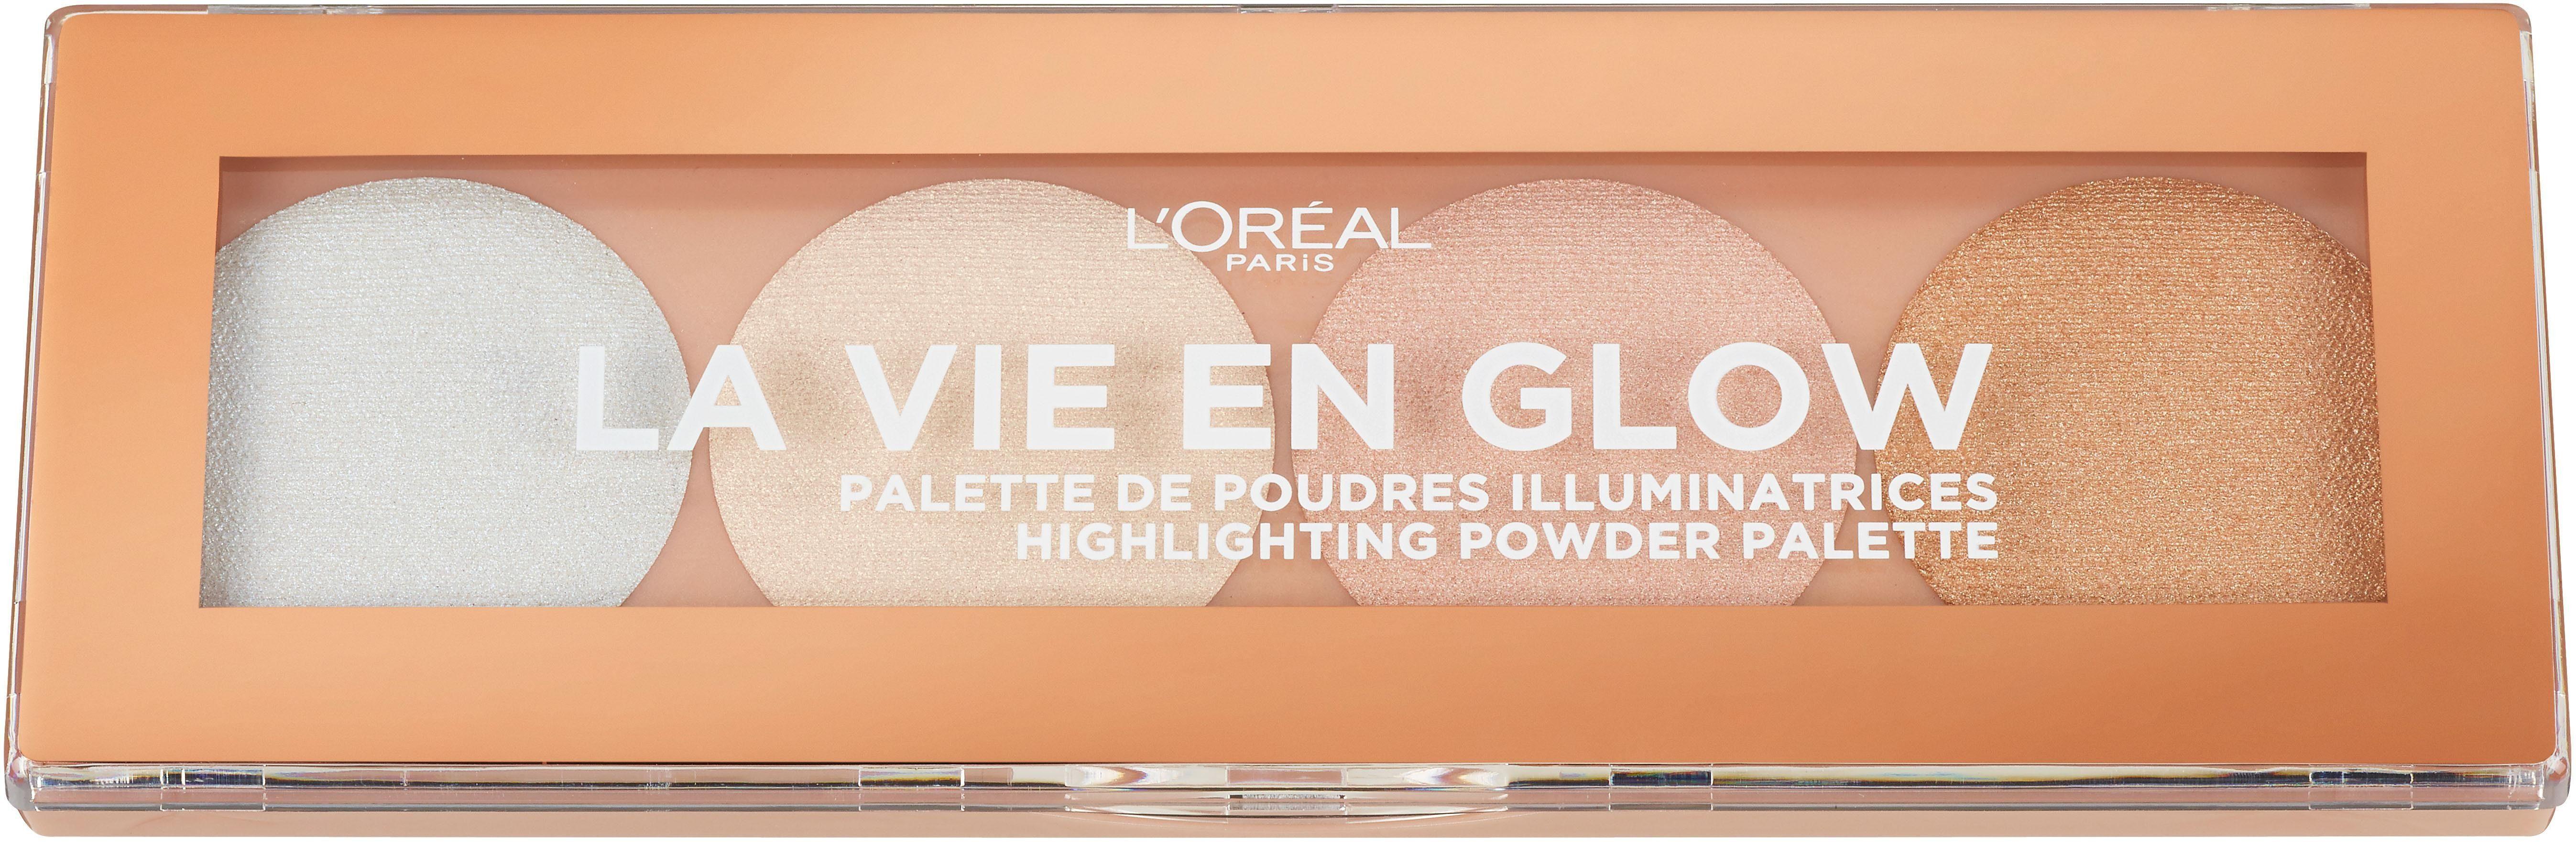 L'ORÉAL PARIS Highlighter-Palette »La vie en glow«